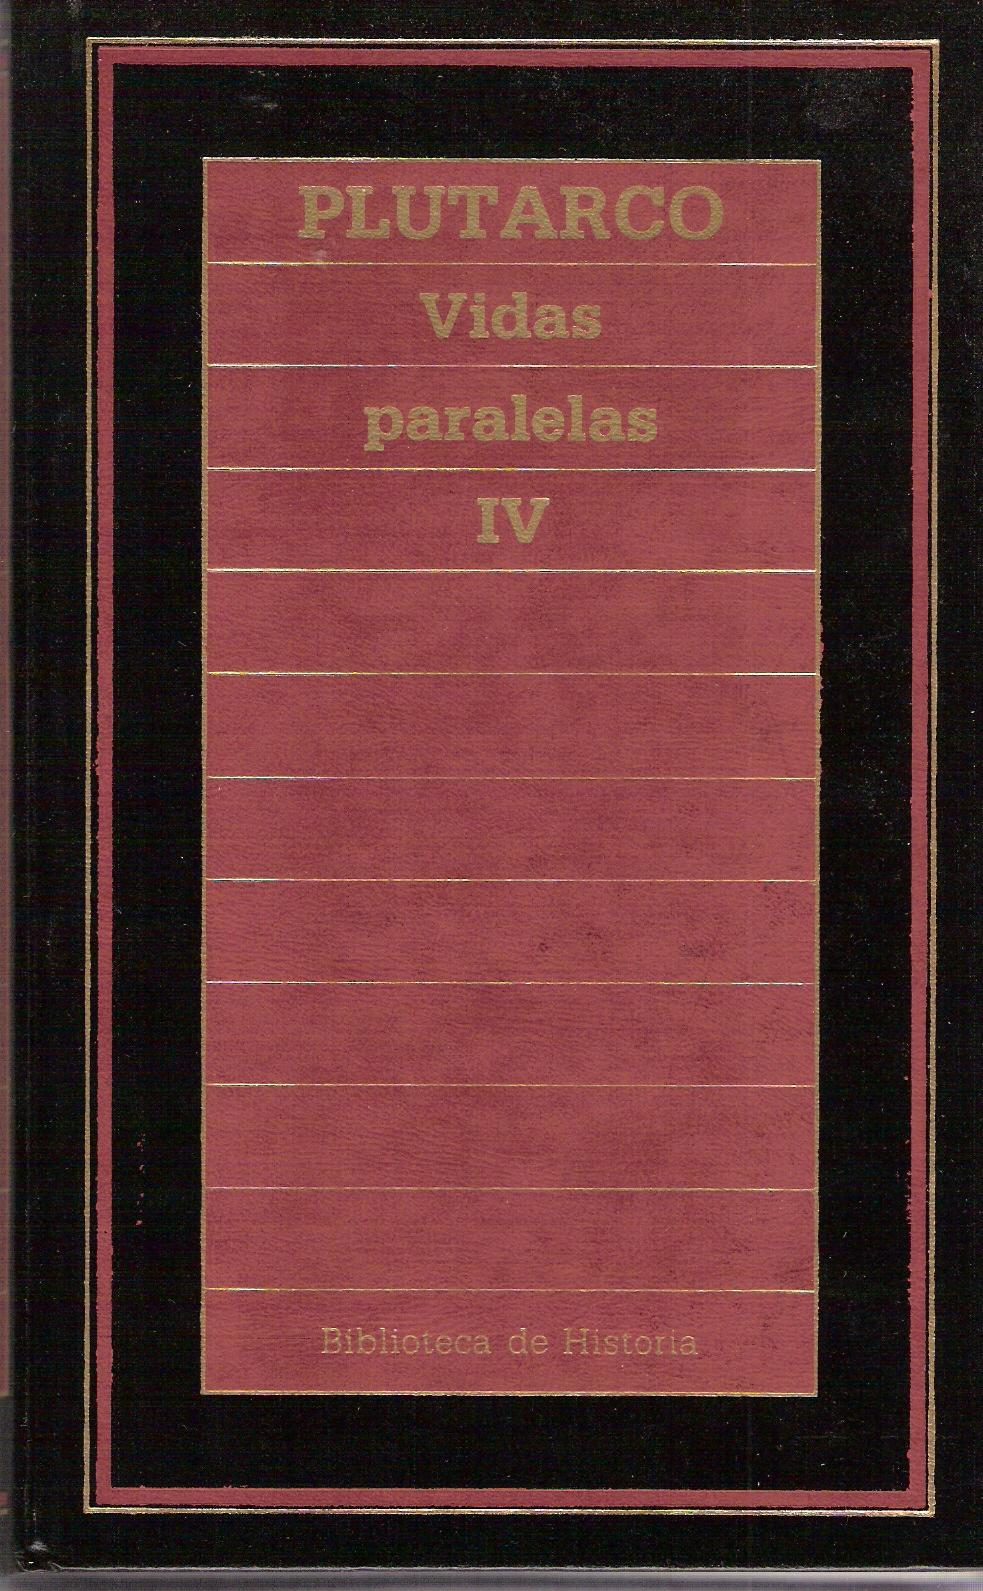 Vidas paralelas IV